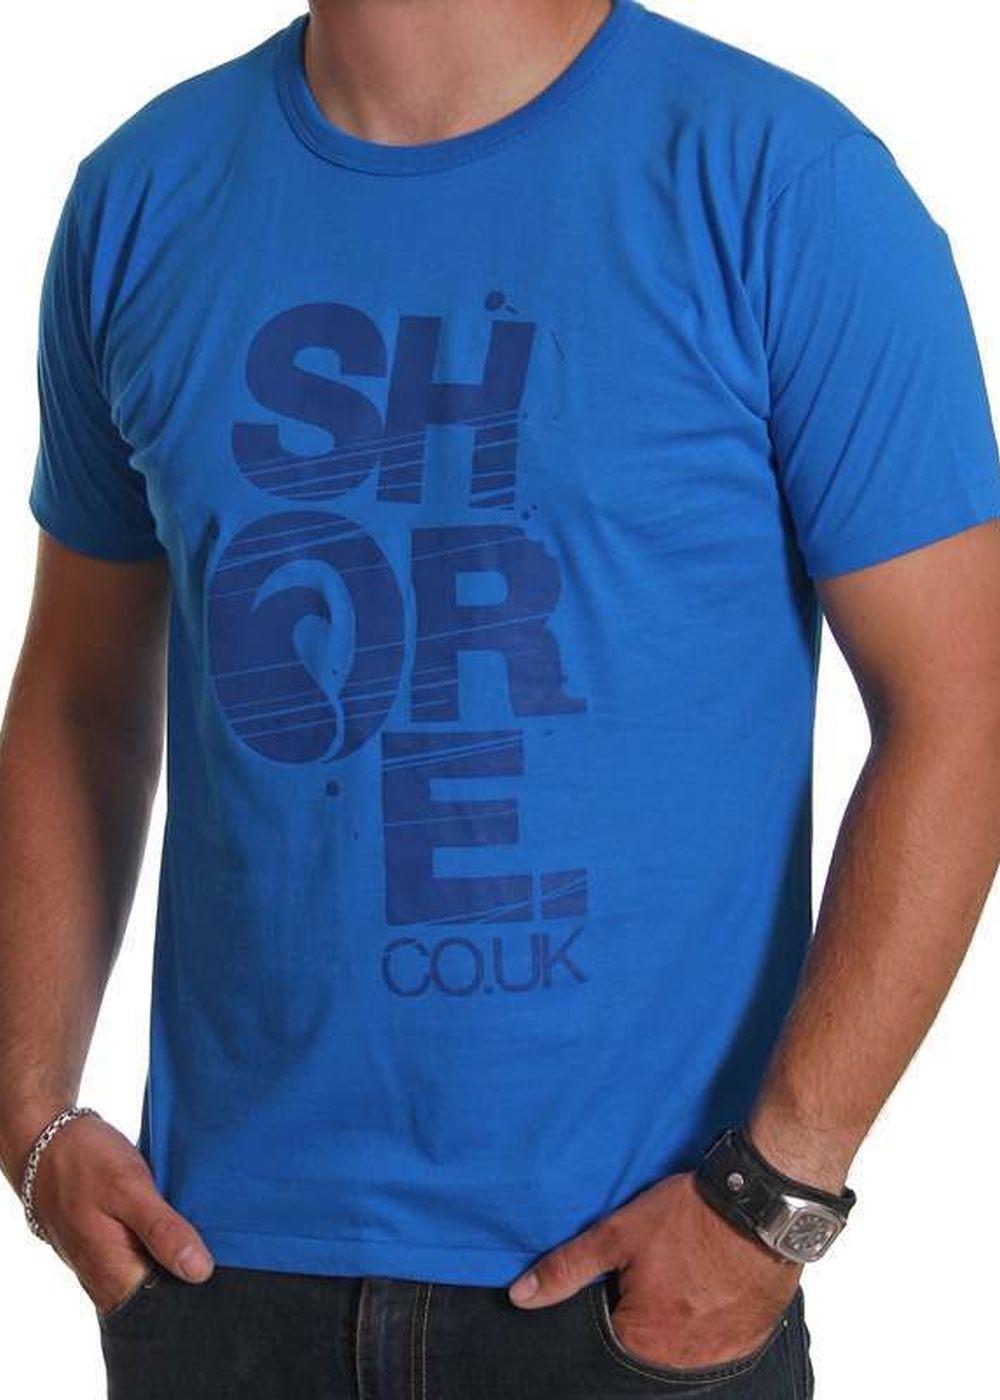 http://www.shore.co.uk/media/catalog/product/S/H/SHORETBBd.jpg